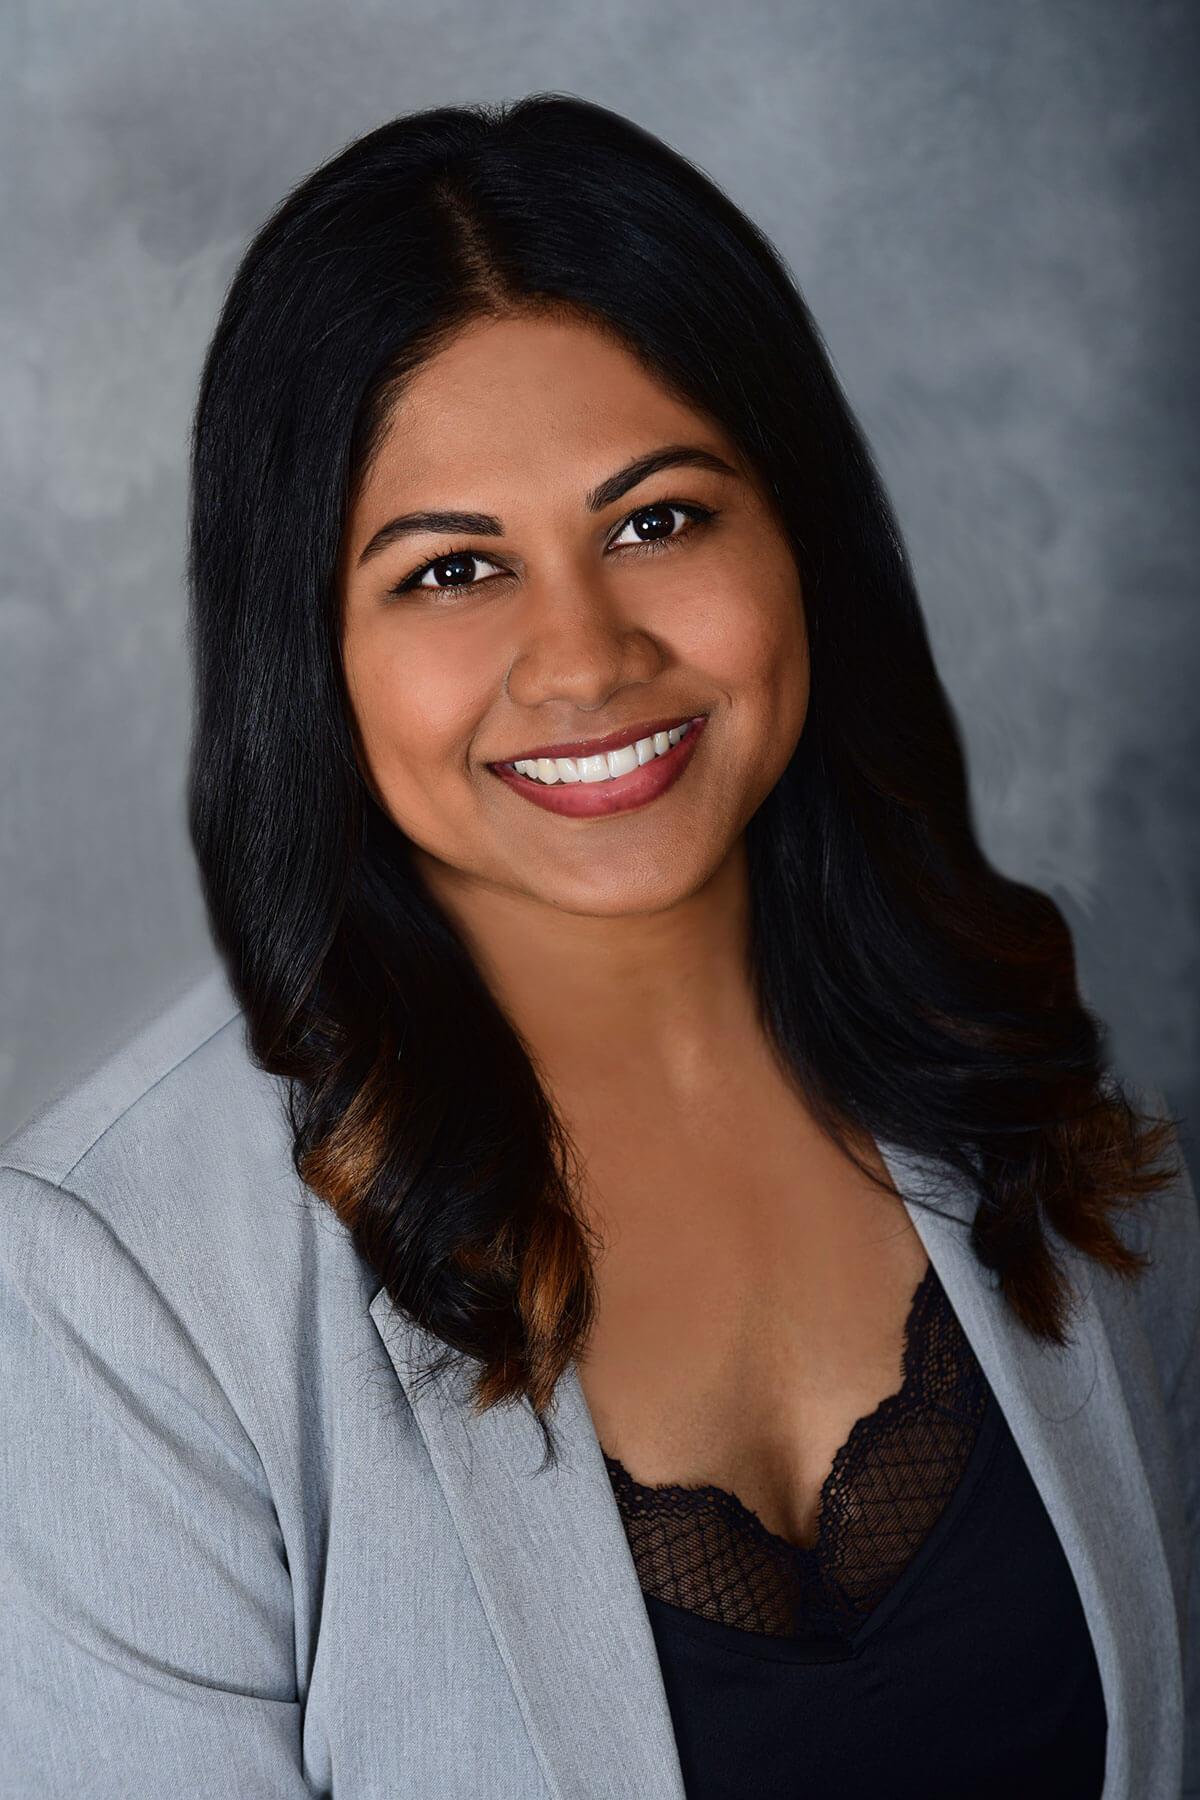 Tasha Kumar